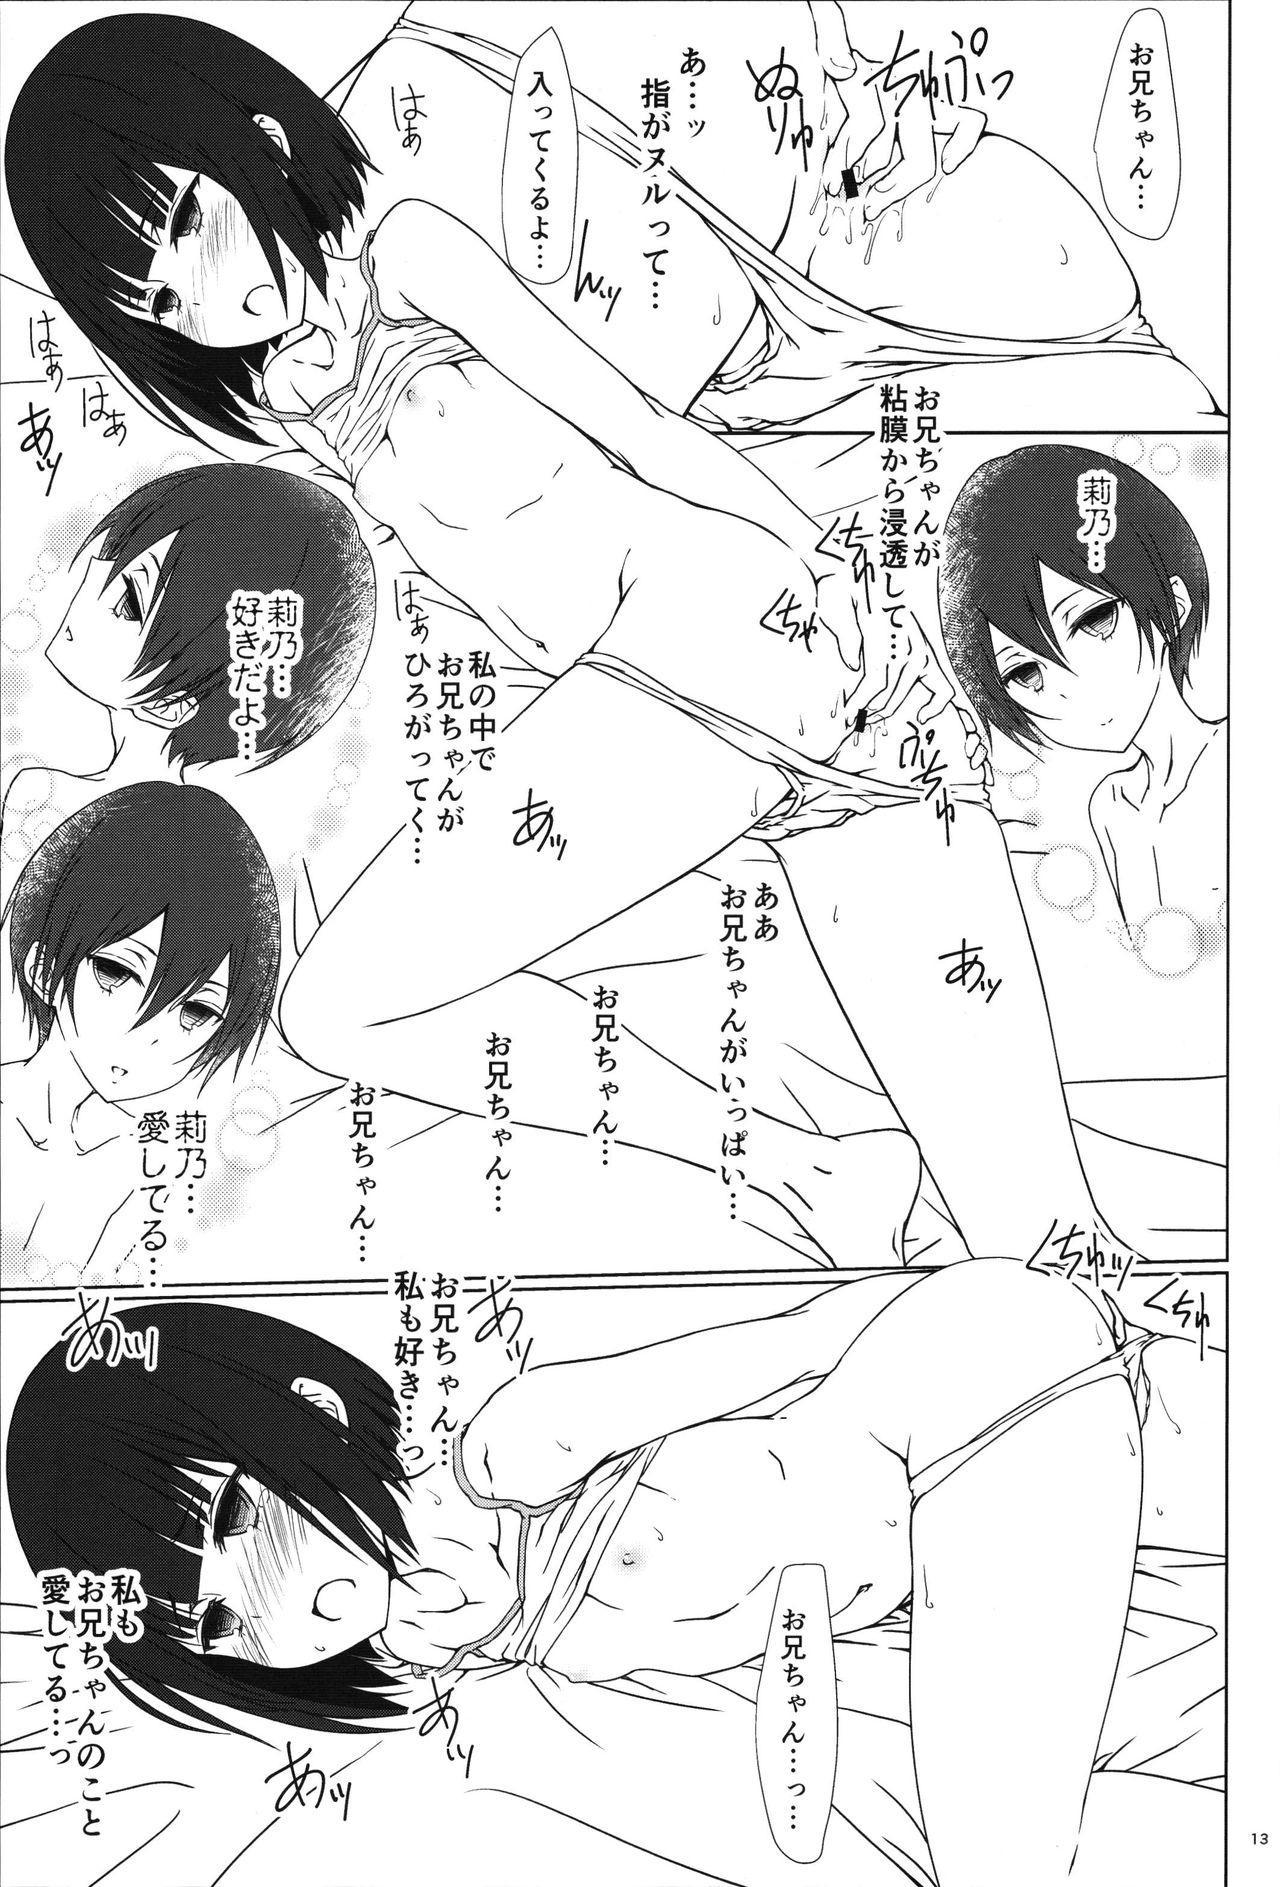 Tanaka Imouto ga Warito Sakarige 11